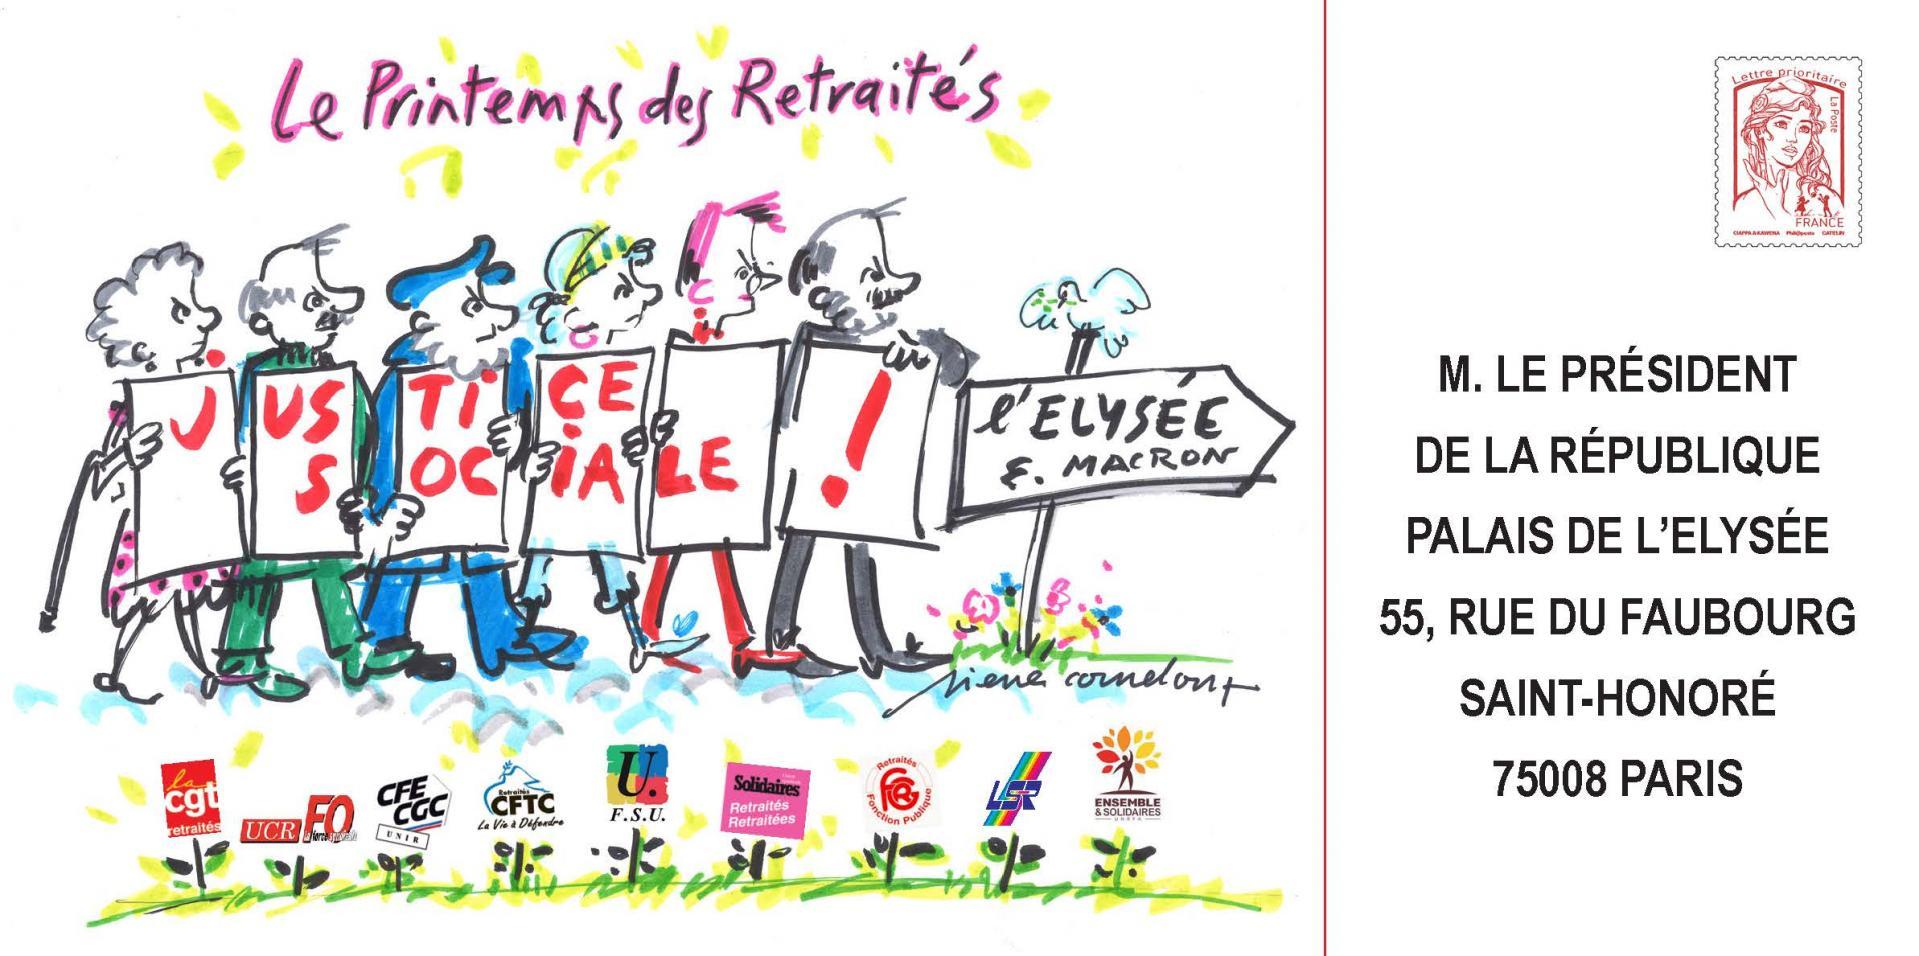 19 04 11 printemps des retraites carte petition page 1